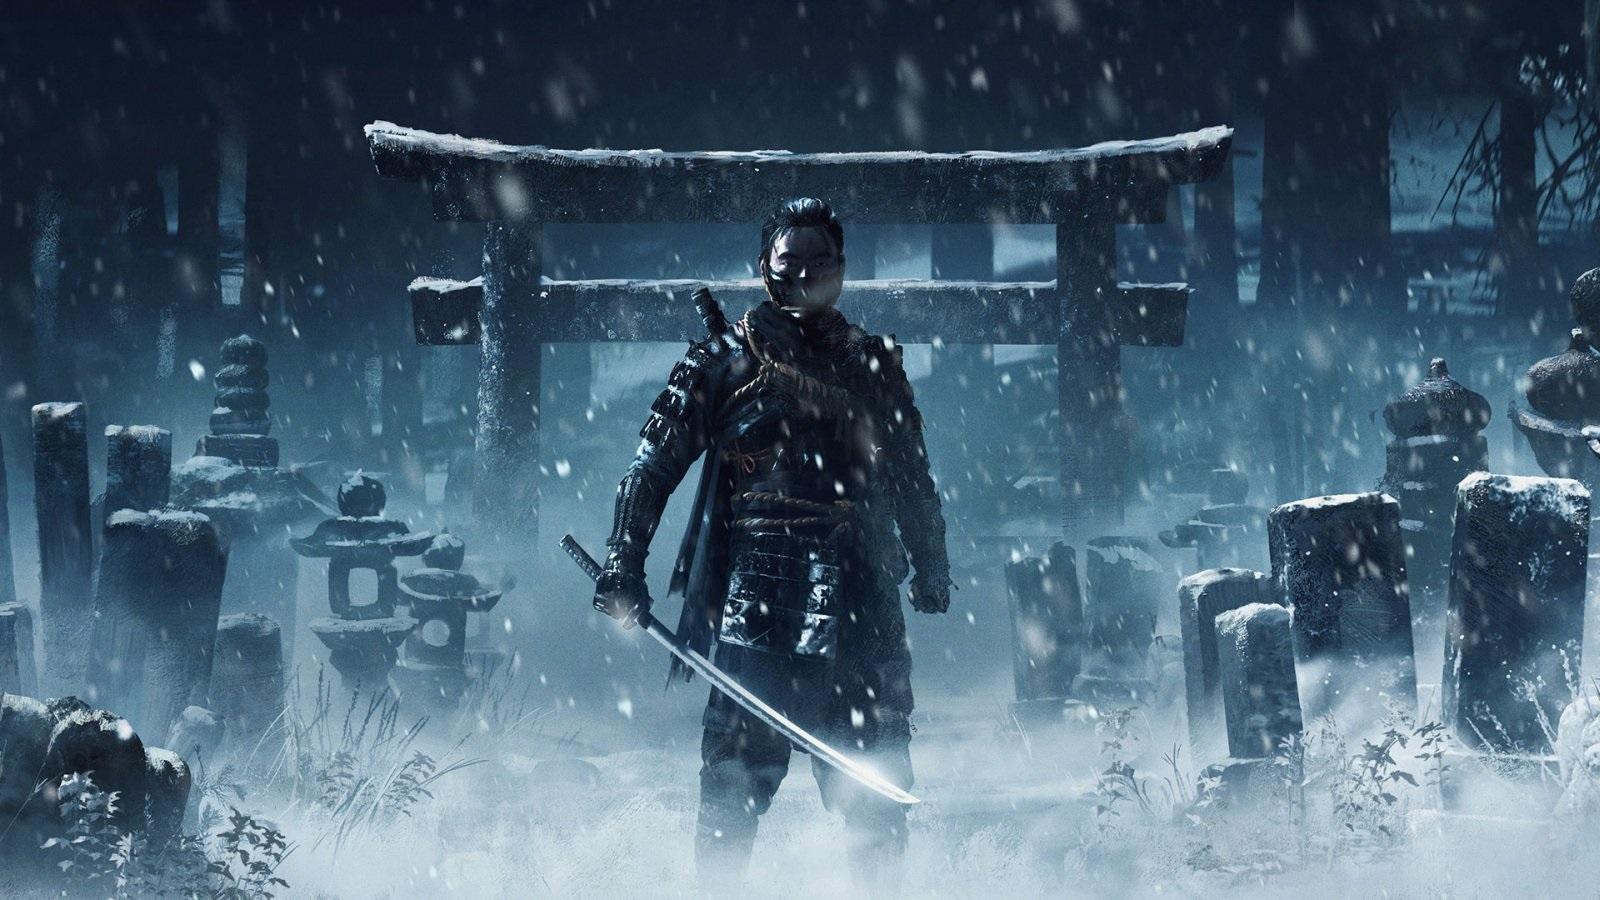 Nejočekávanější hry v roce 2019; Ghost of Tsushima, screenshot: samurai